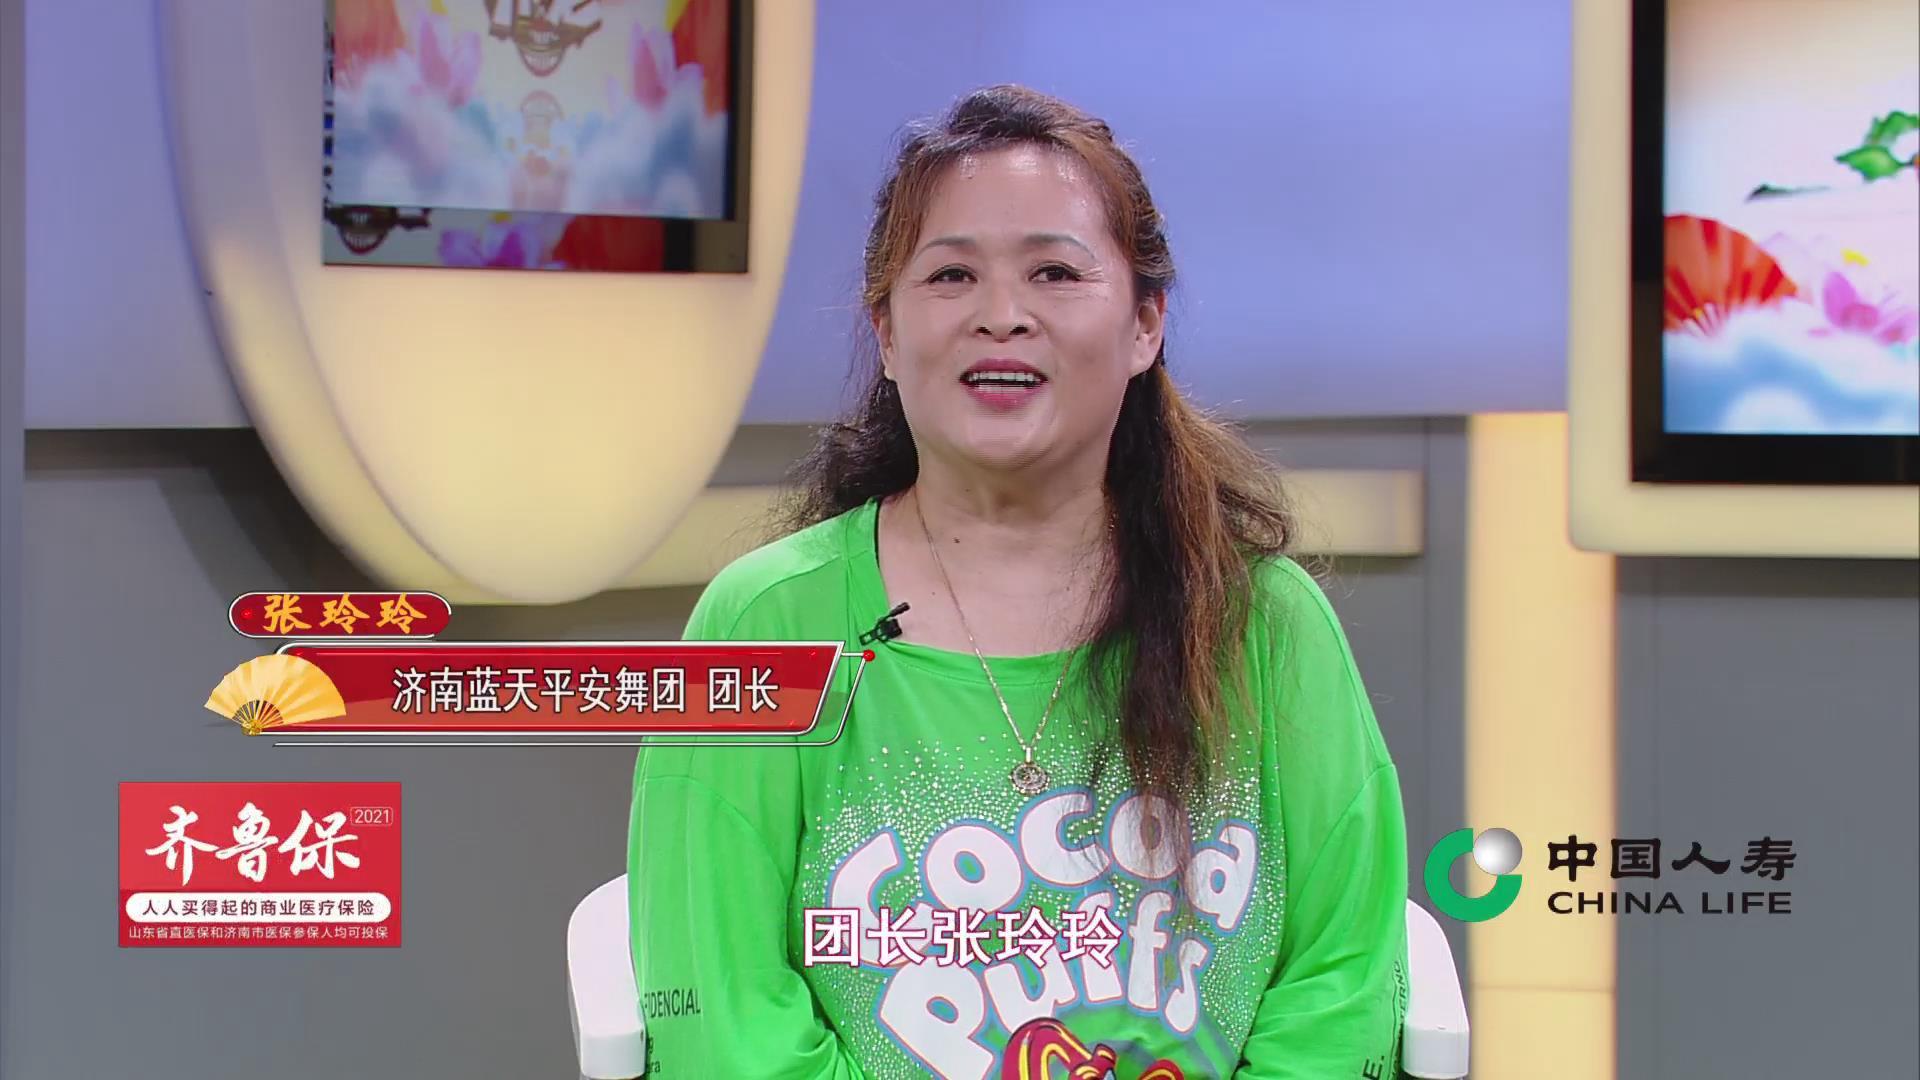 中国式养老-济南蓝天平安舞团:激情欢乐永相伴